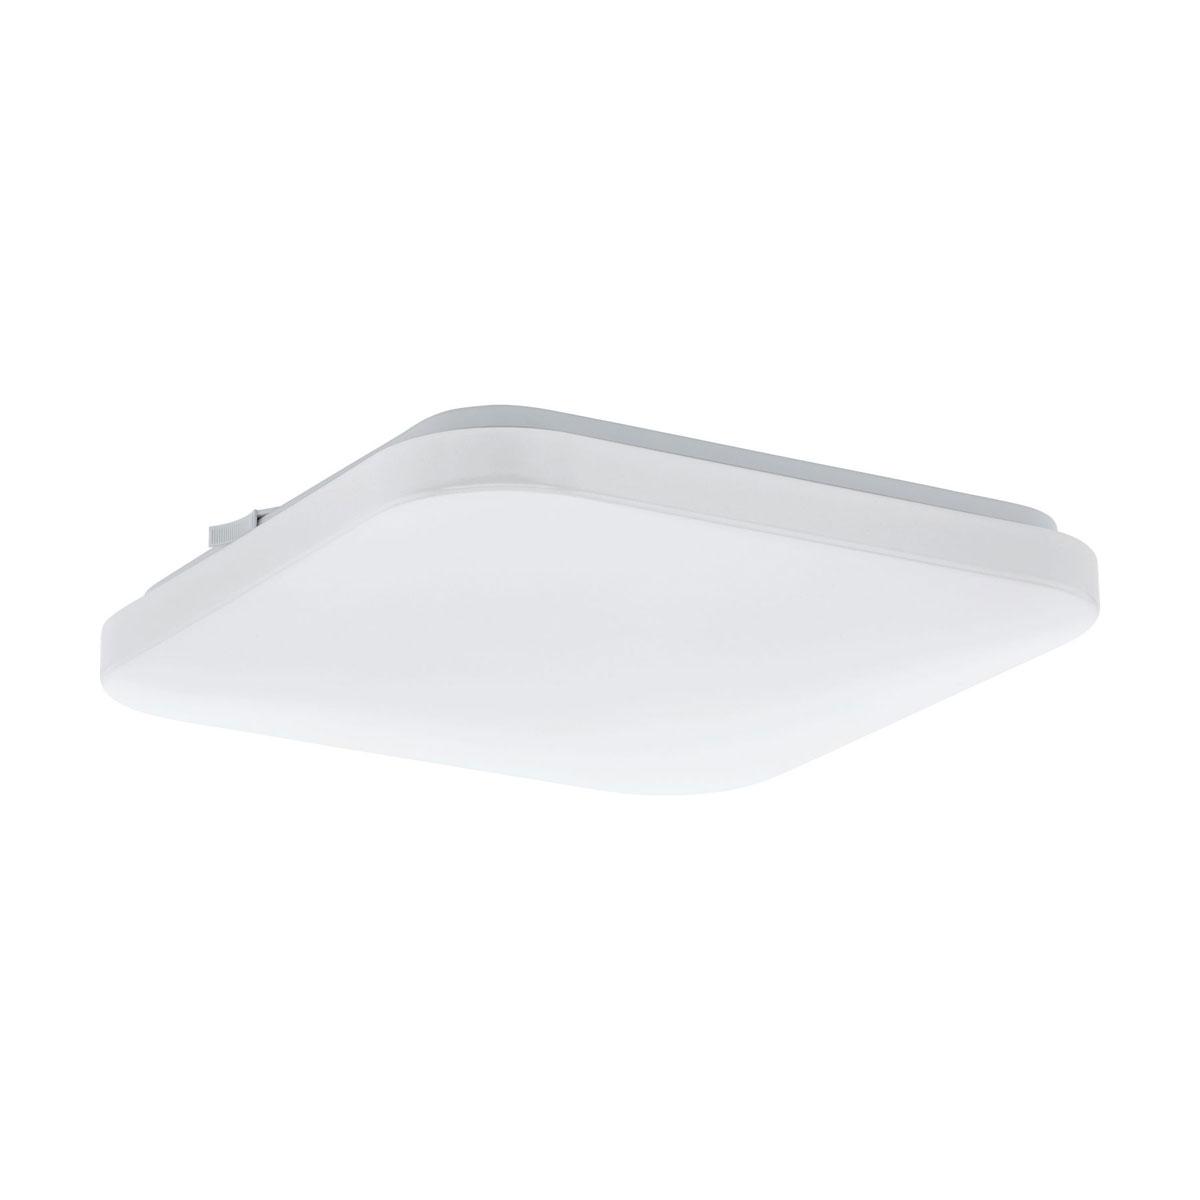 """Deckenleuchten - LED Deckenleuchte """"Frania"""", 28x28cm, weiß 28x28 cm cm  - Onlineshop Hellweg"""